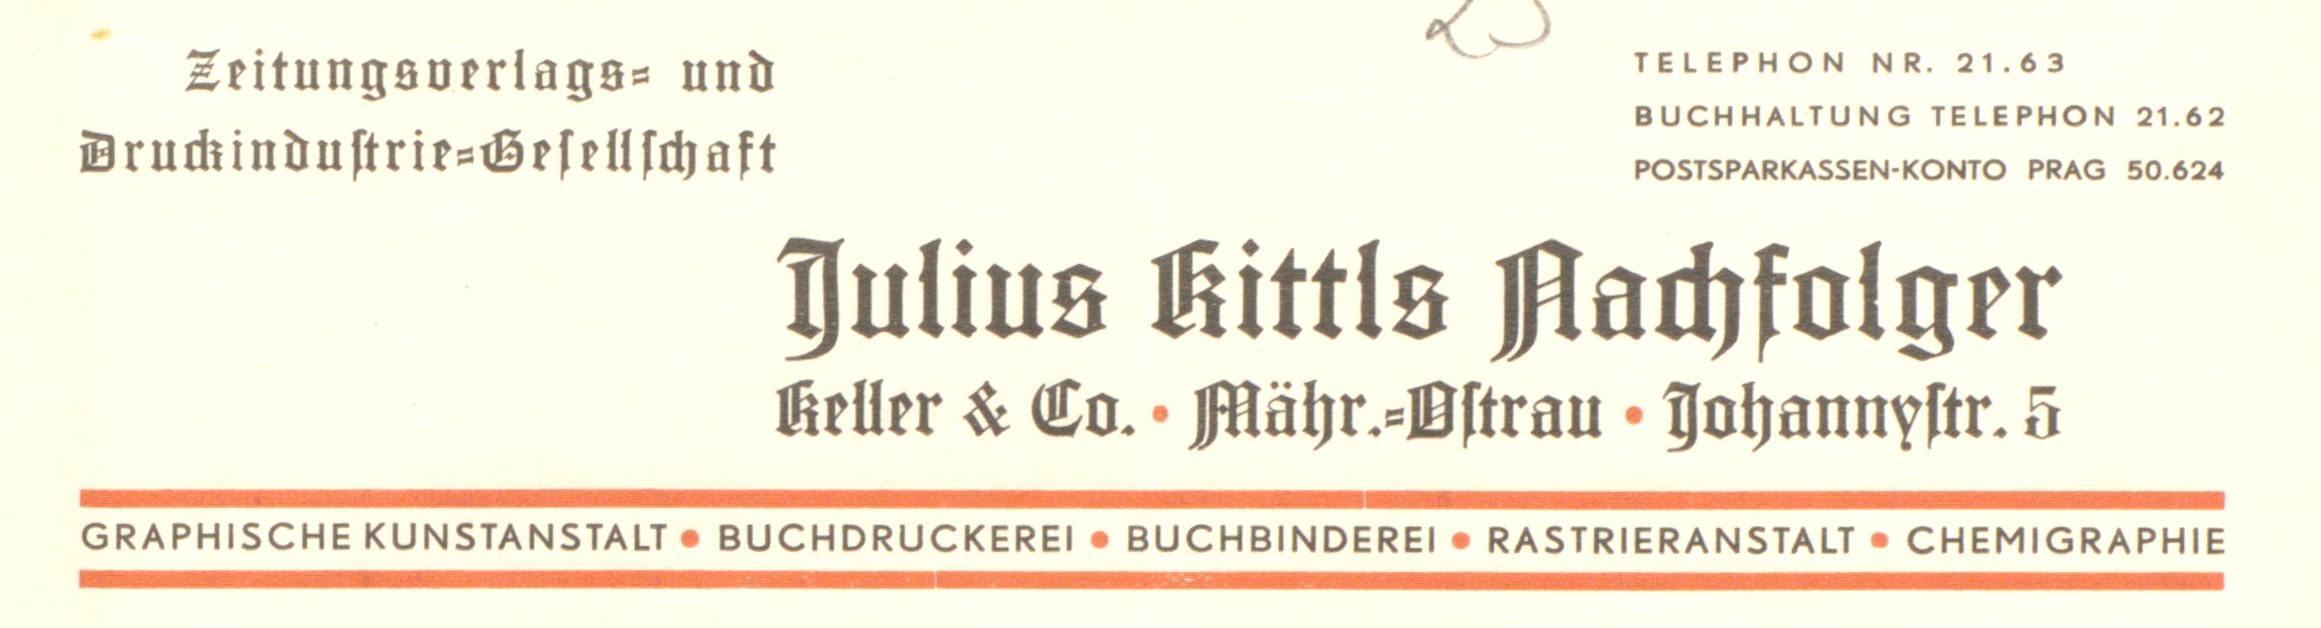 Jul. Kittls Nachfolger Briefkopf